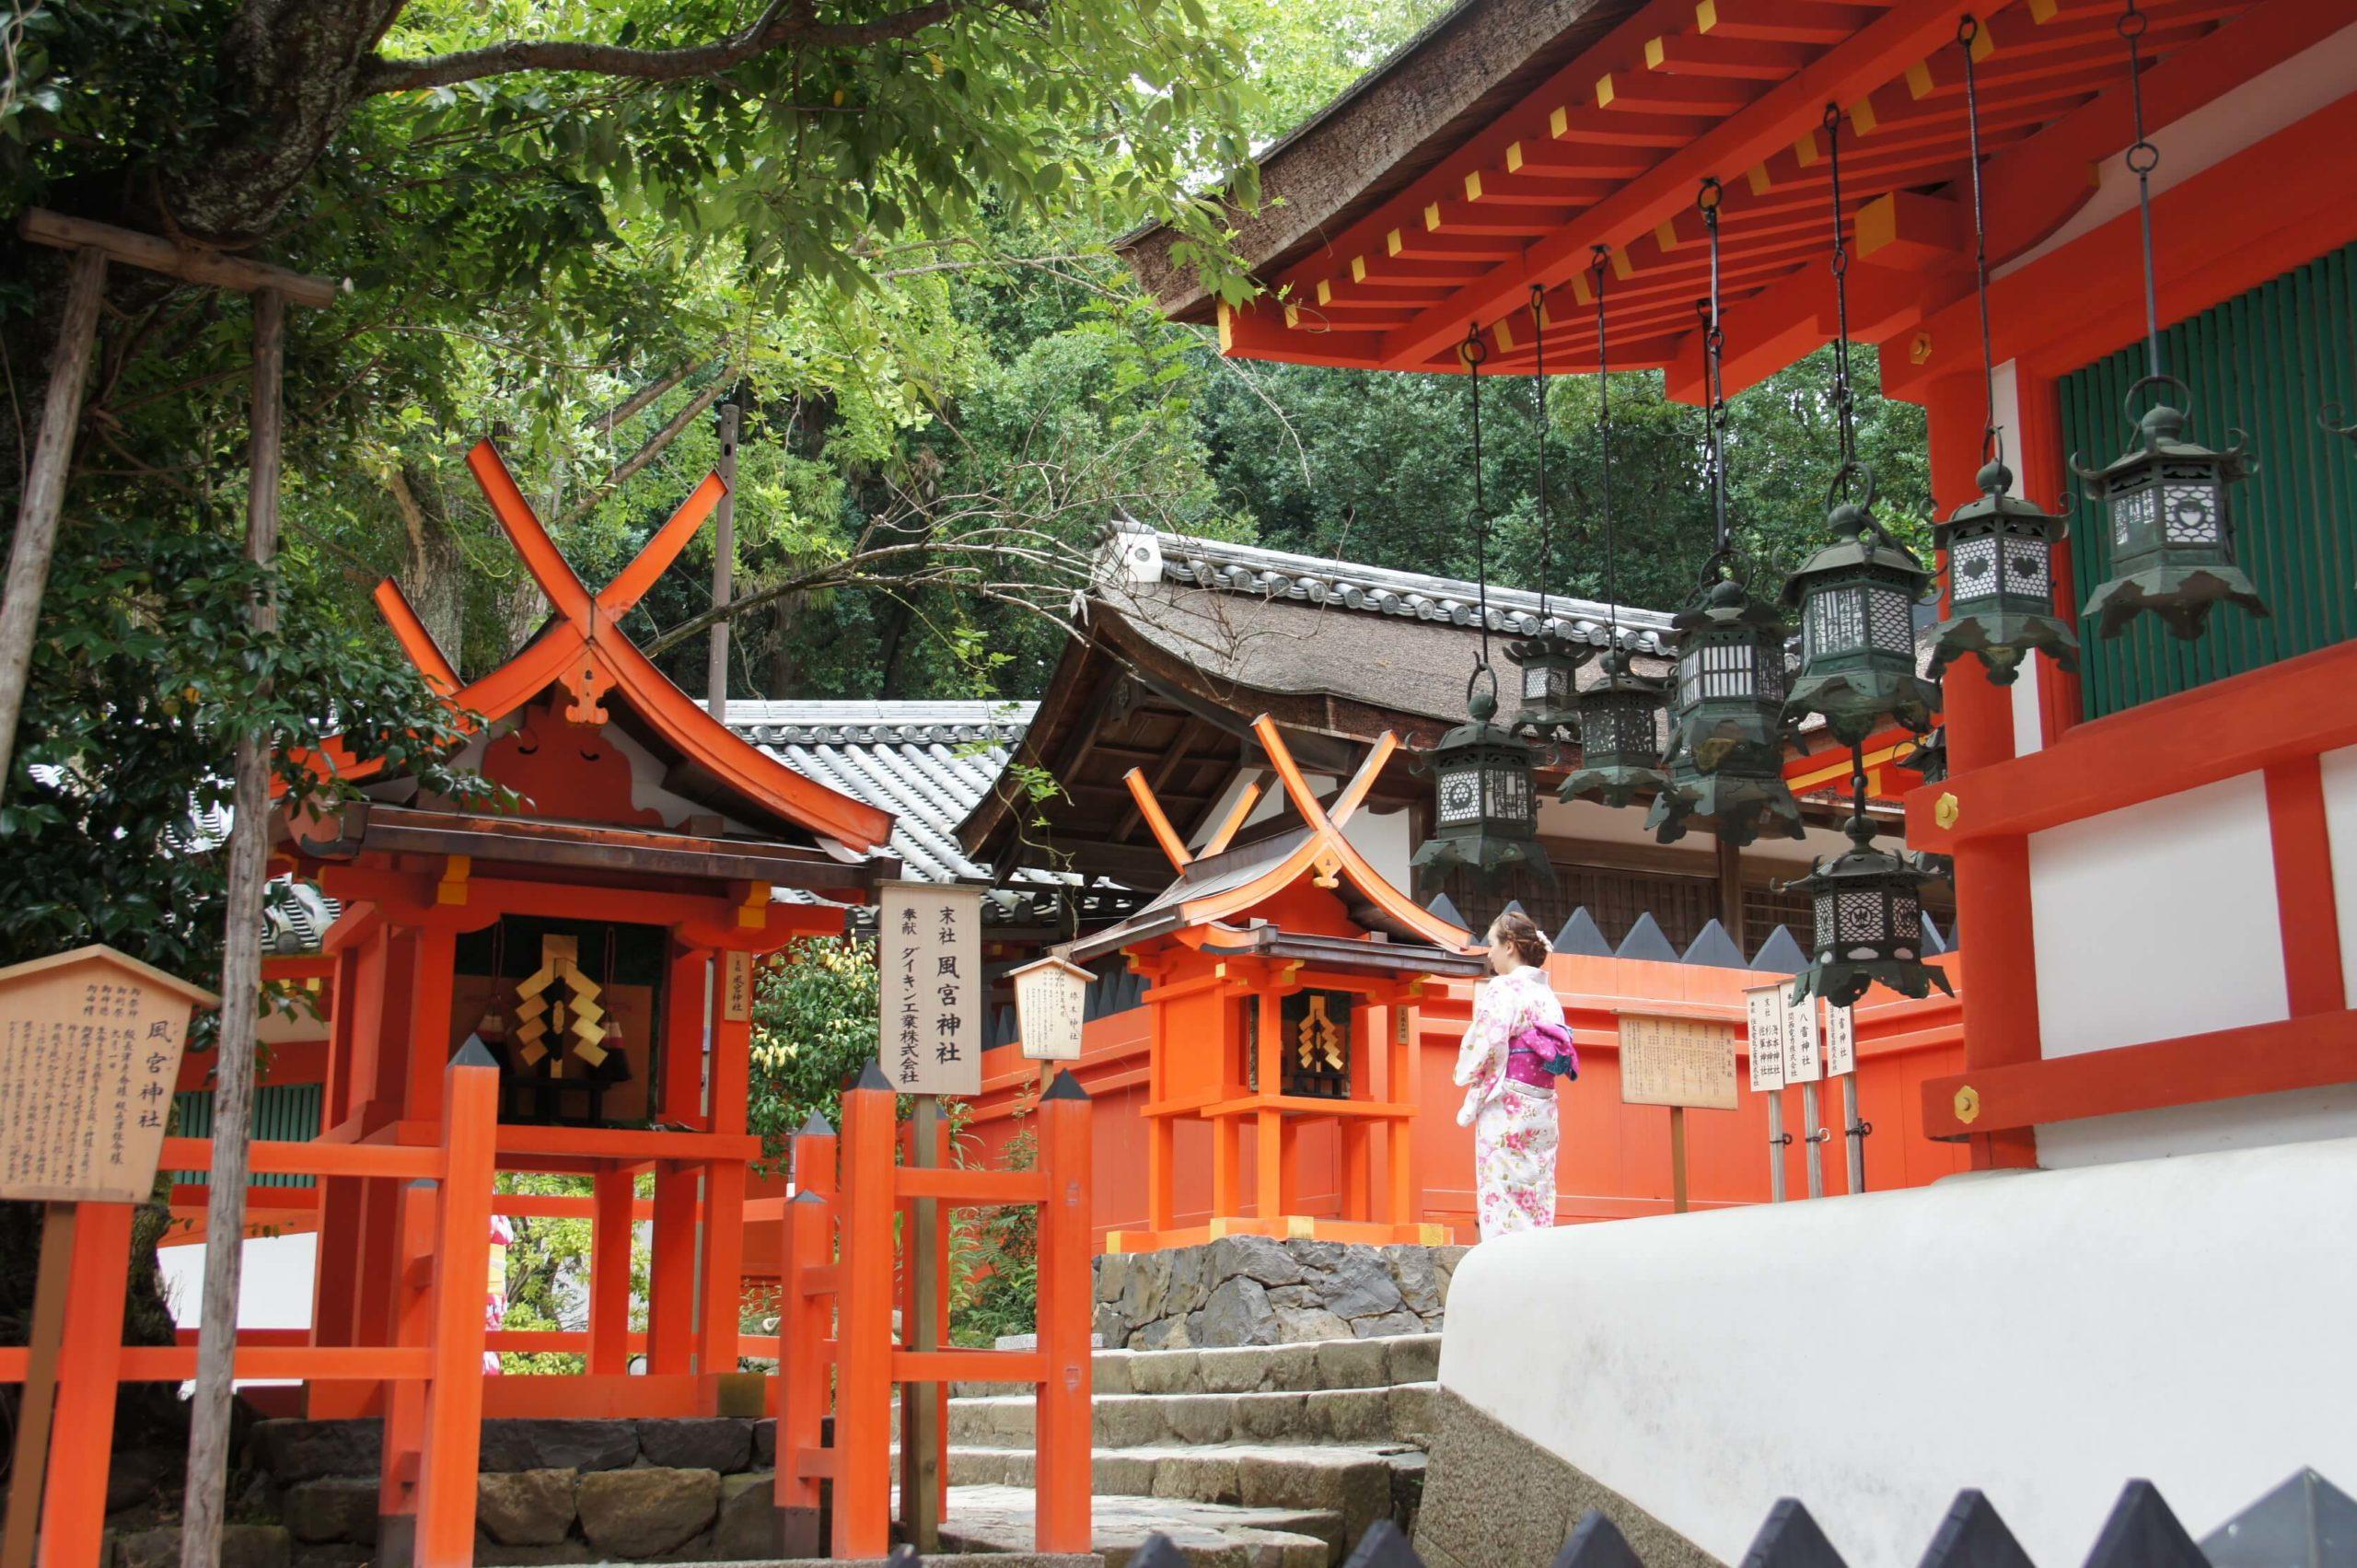 Nara and Horyuji – Japan